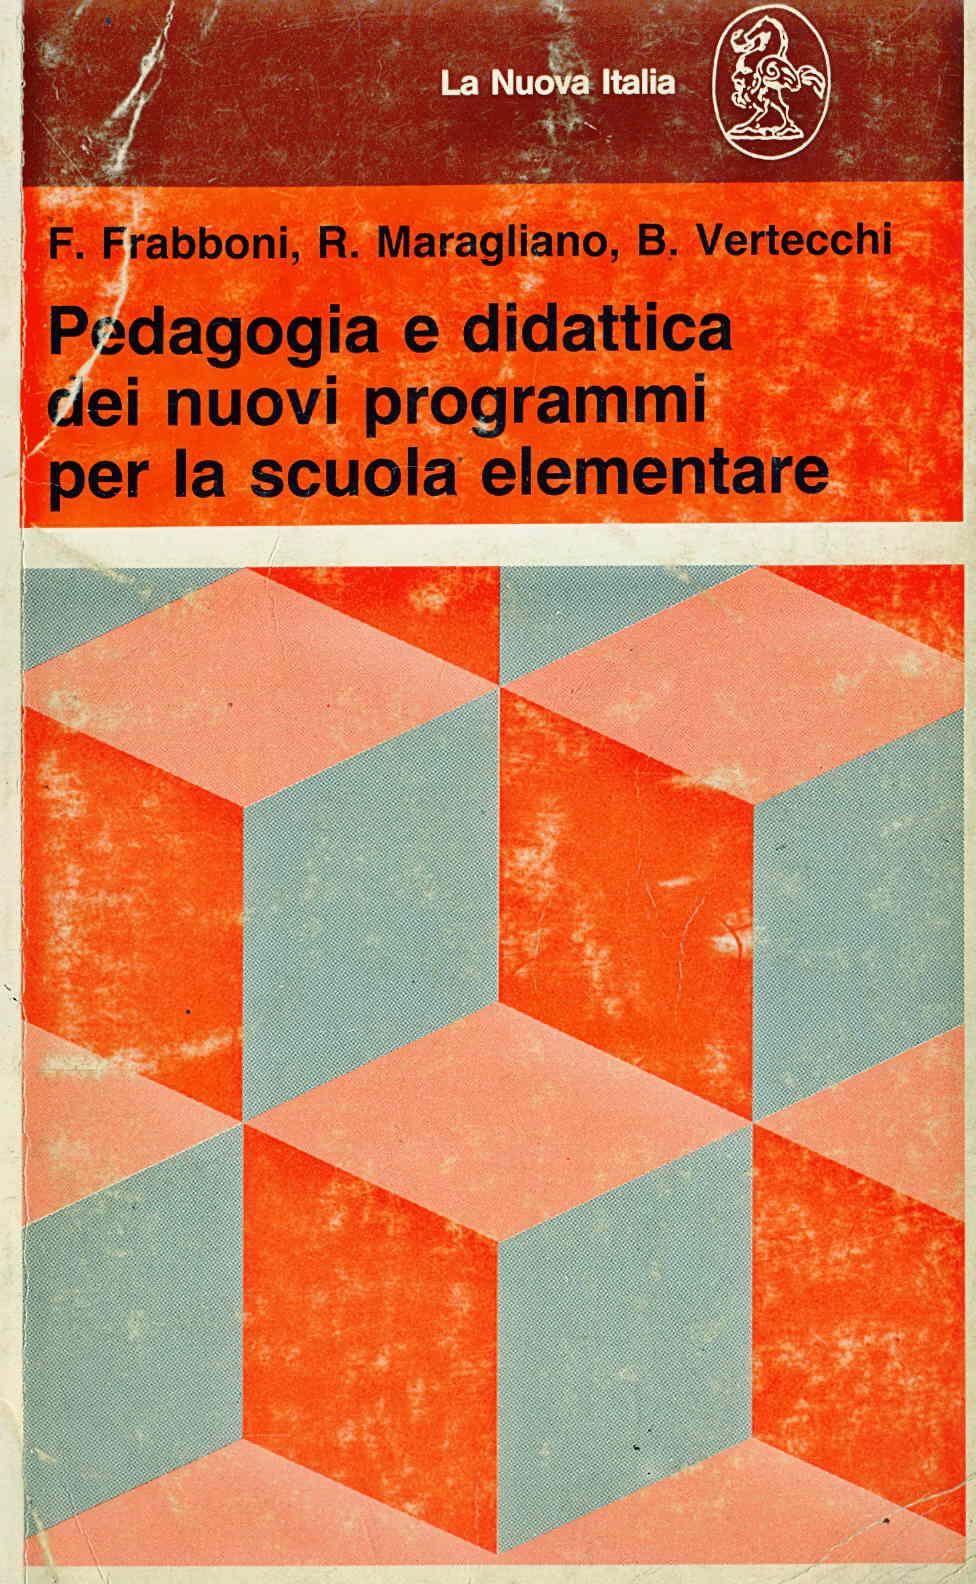 Pedagogia e didattica dei nuovi programmi per la scuola elementare